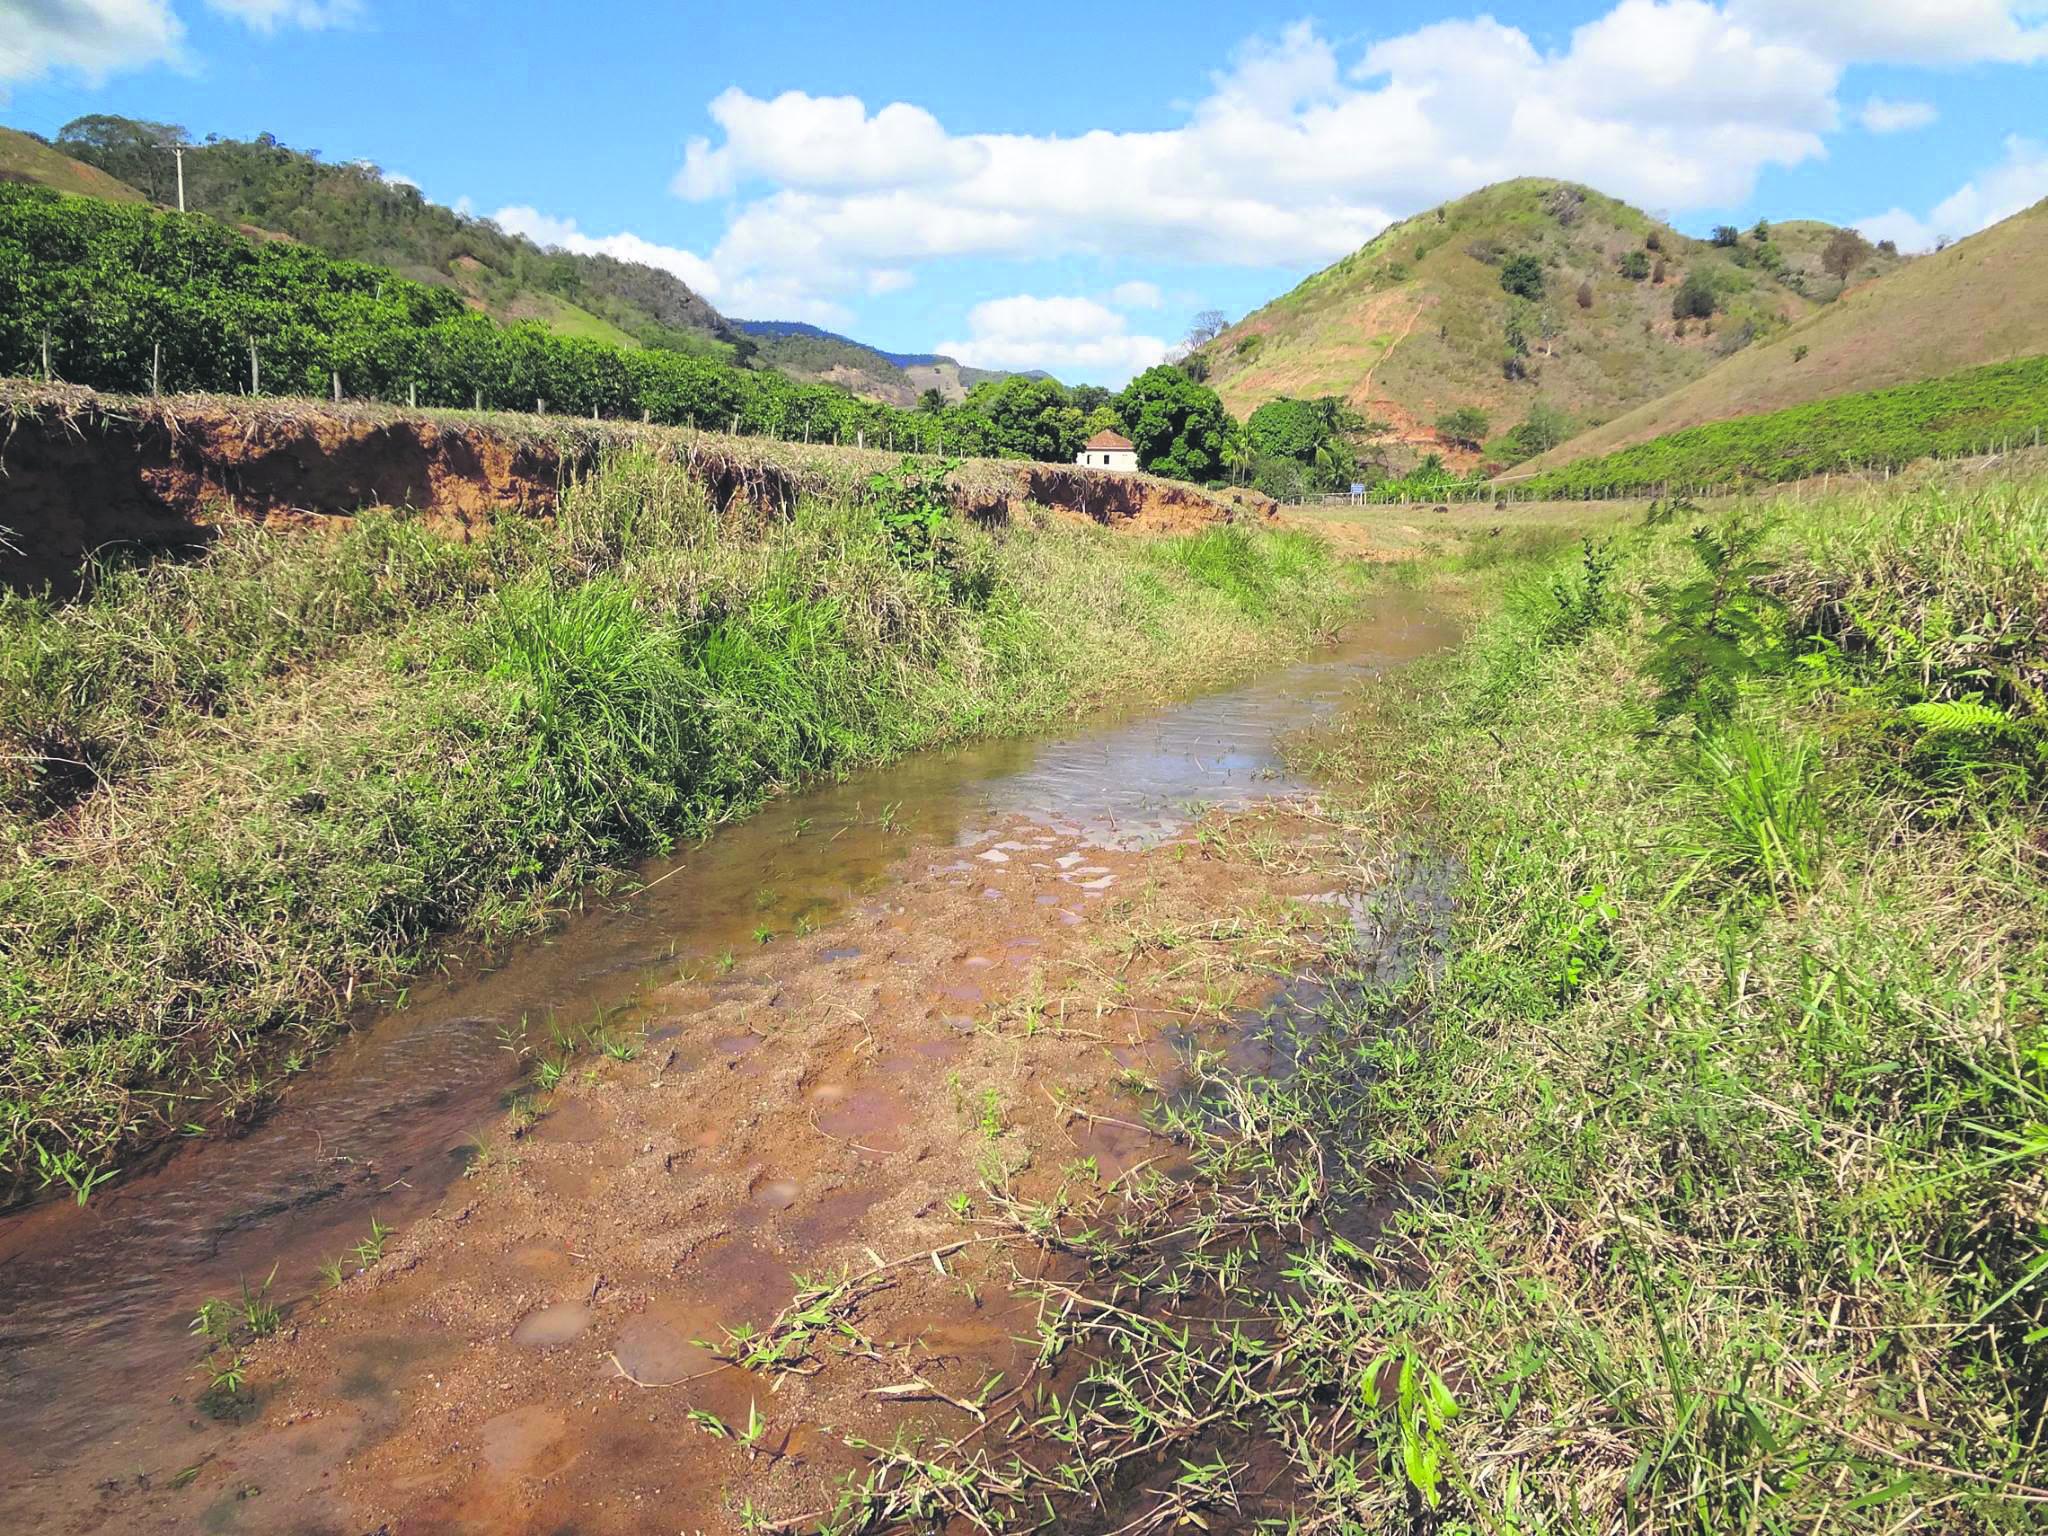 Em junho a situação do rio 5 de Novembro já era dramática e piorou nos últimos meses, gerando colapso de água na região. Foto: Fábio Barcelos